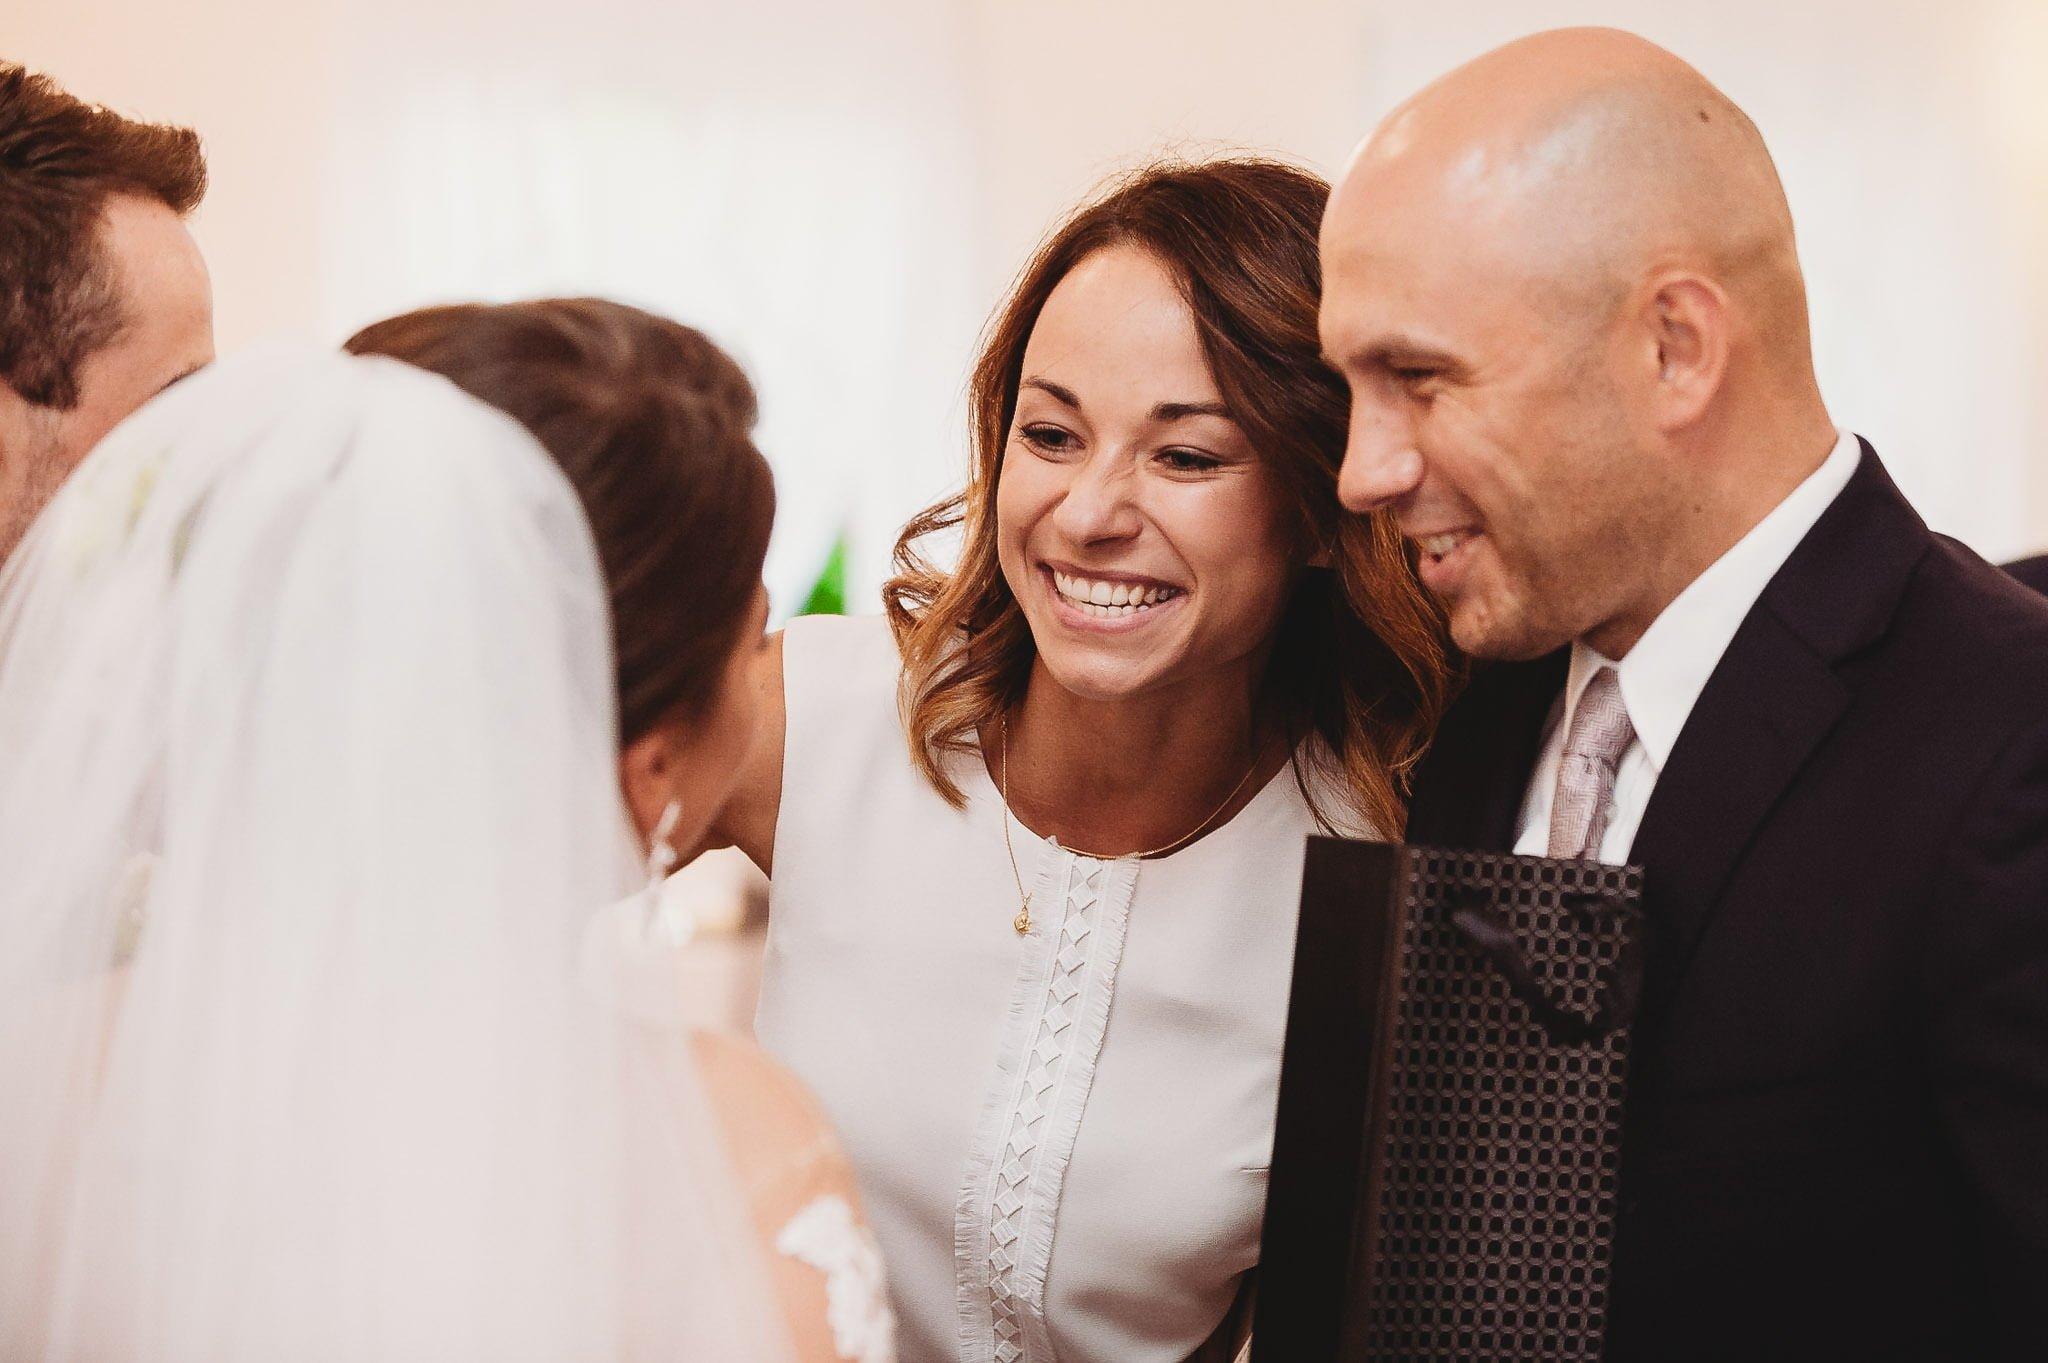 Angelika i Michał, piękne zdjęcia ślubne i sesja plenerowa w Gołuchowie 140